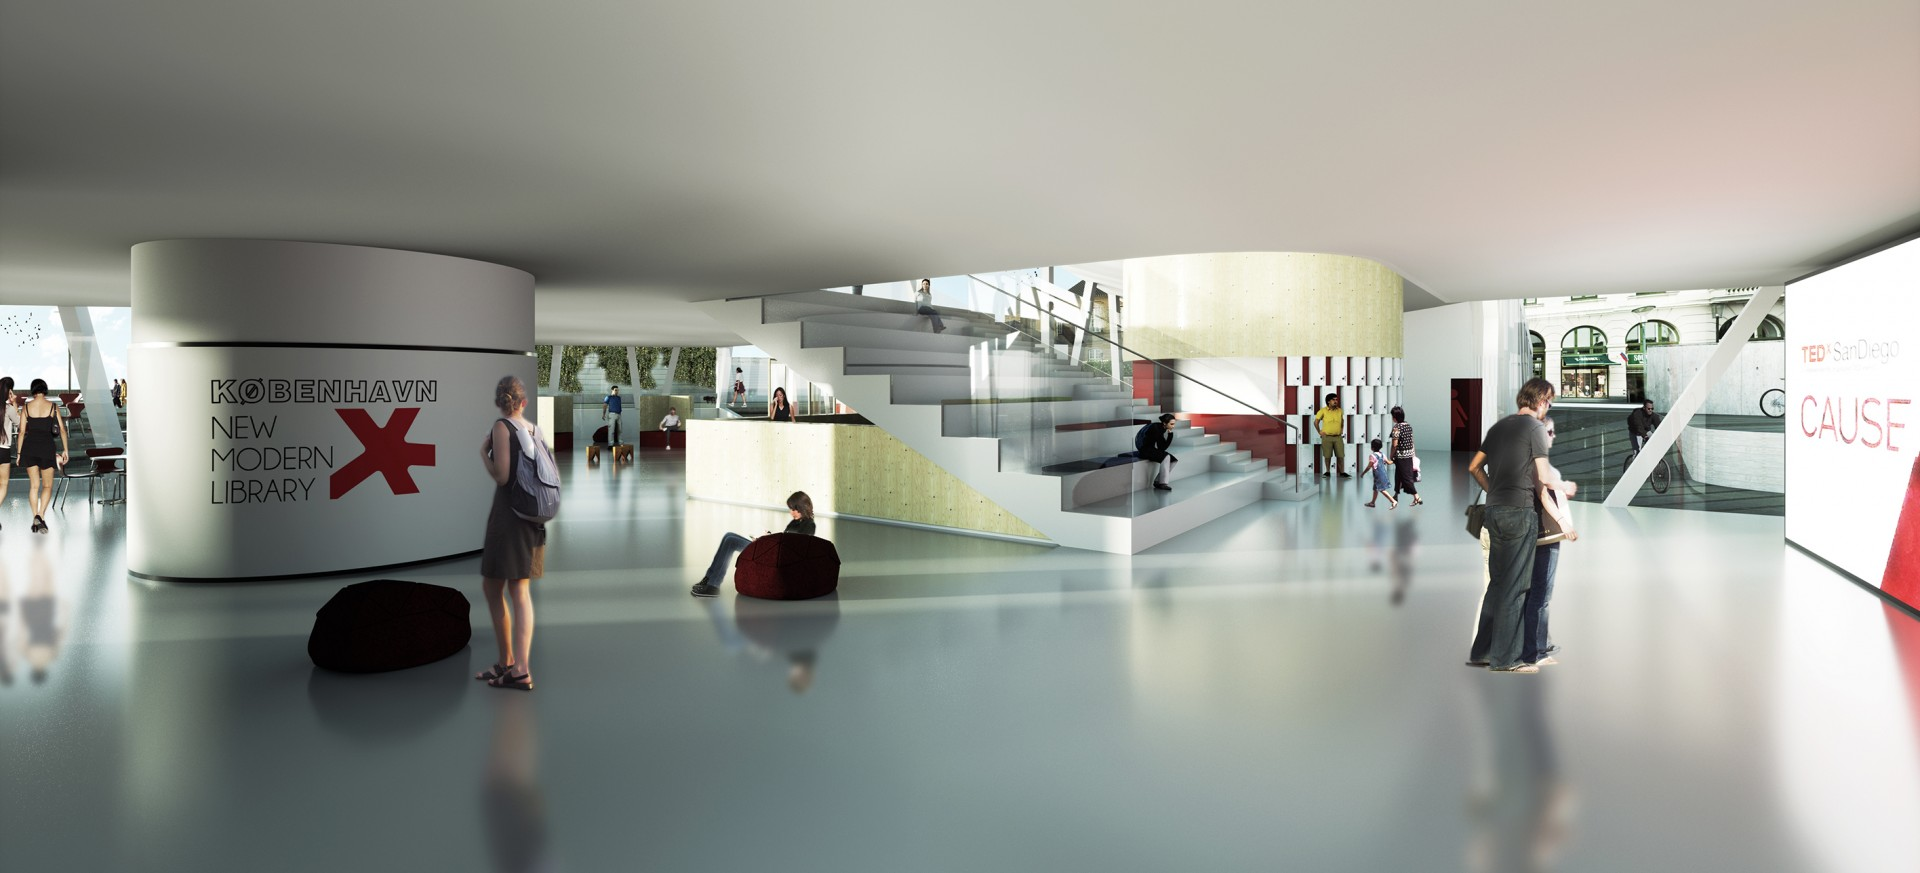 Vue intérieur sur l'auditorium ouvert pour des événements au cœur de la bibliothèque.